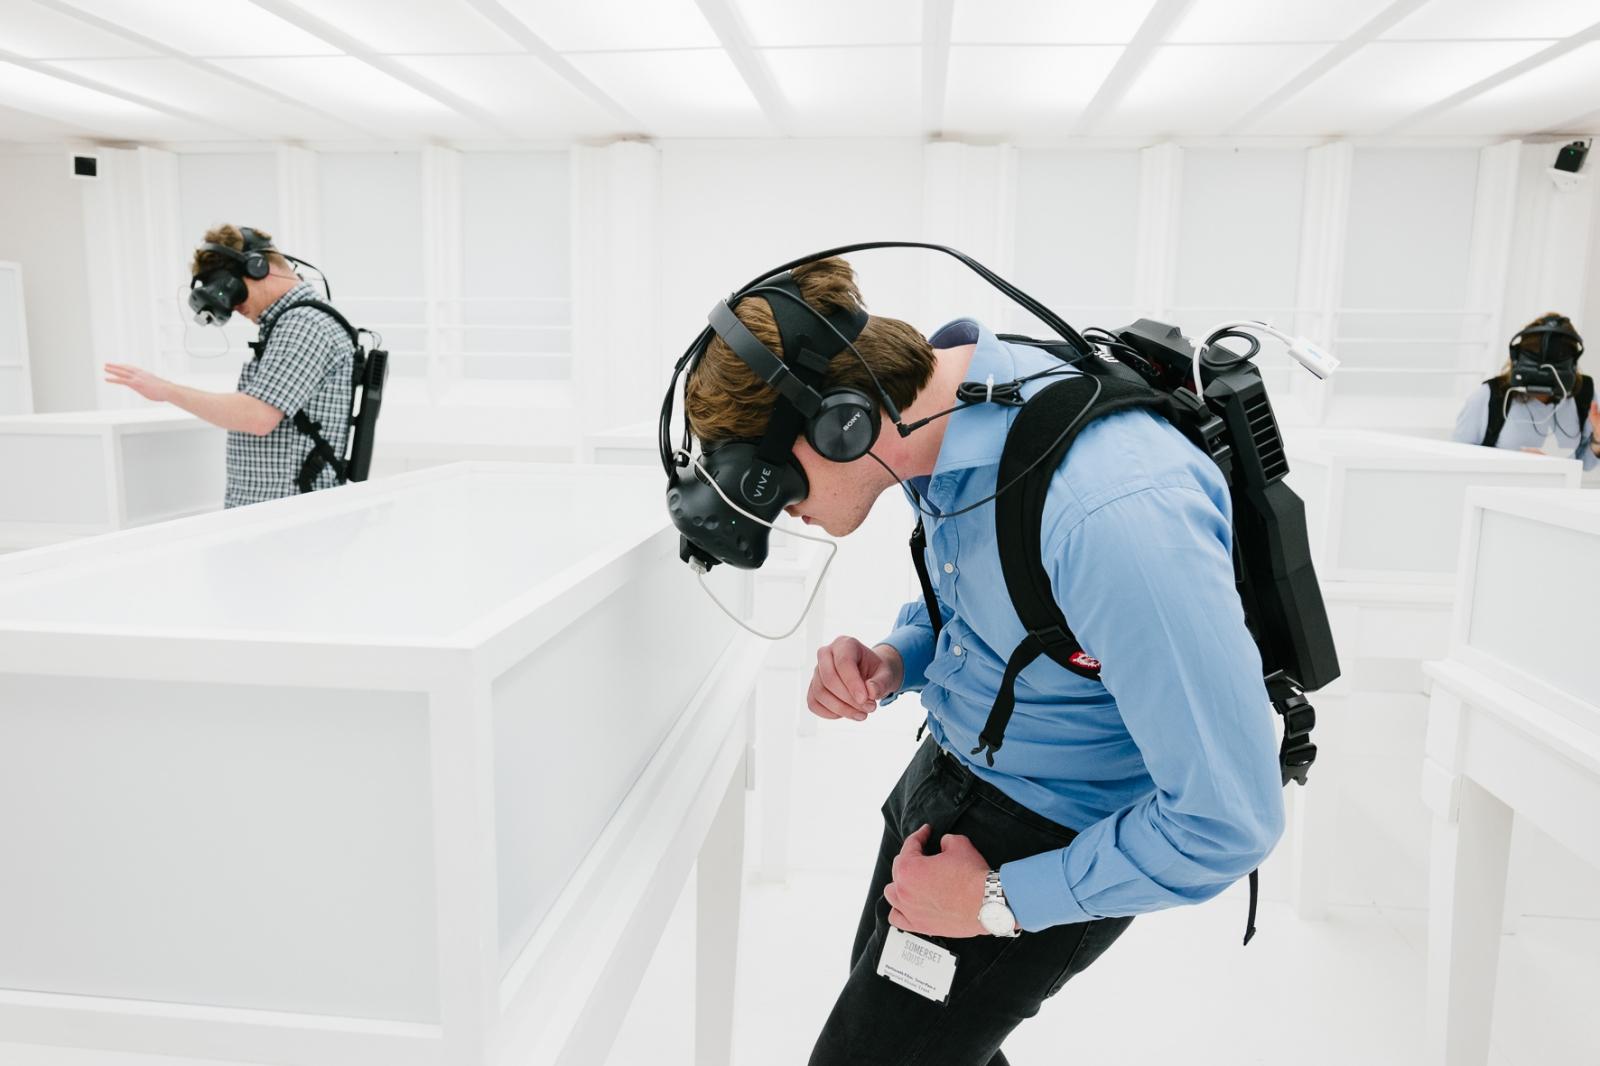 Ausstellungsbesucher mit VR-Brillen vor augenscheinlich leeren Wänden und Vitrinen